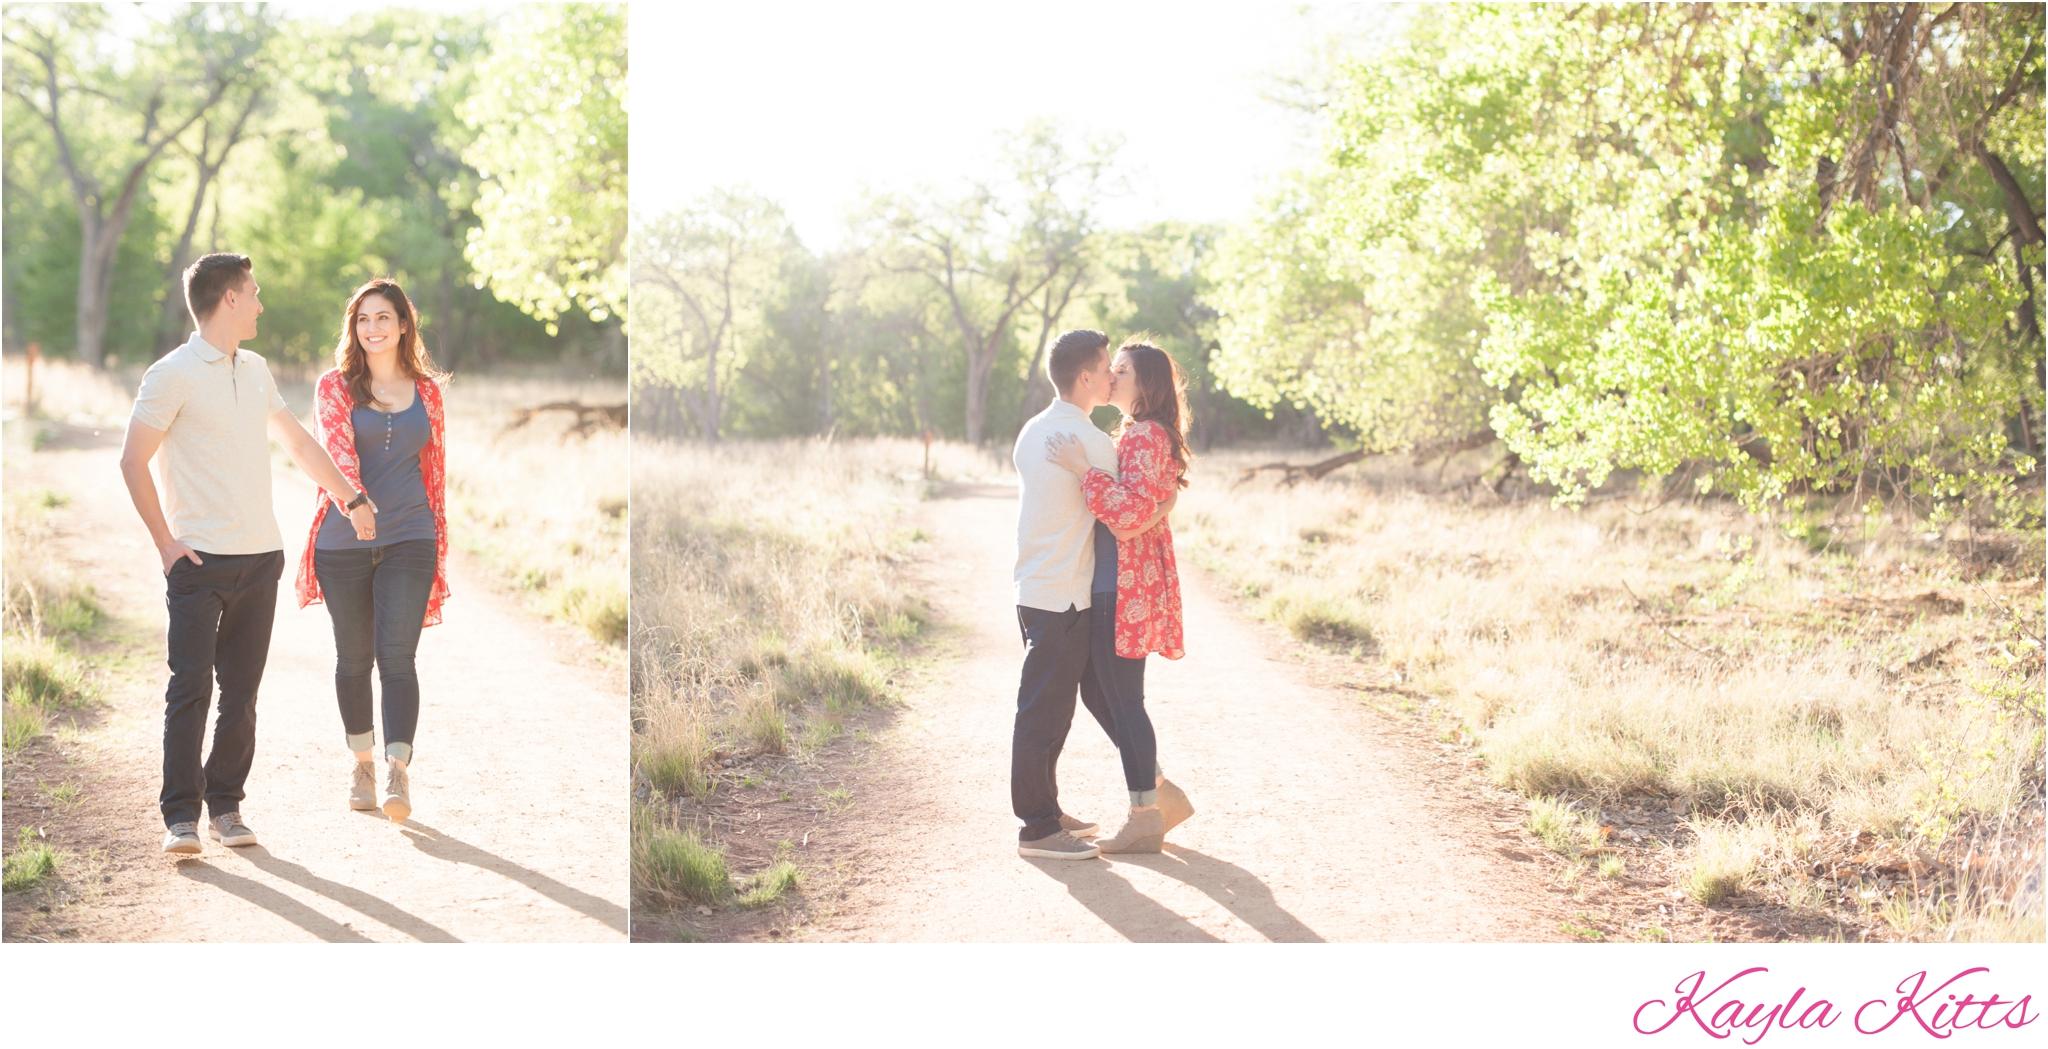 kayla kitts photography - albuquerque wedding photographer - albuquerque wedding - engagement outfits - albuquerque bosque_0008.jpg